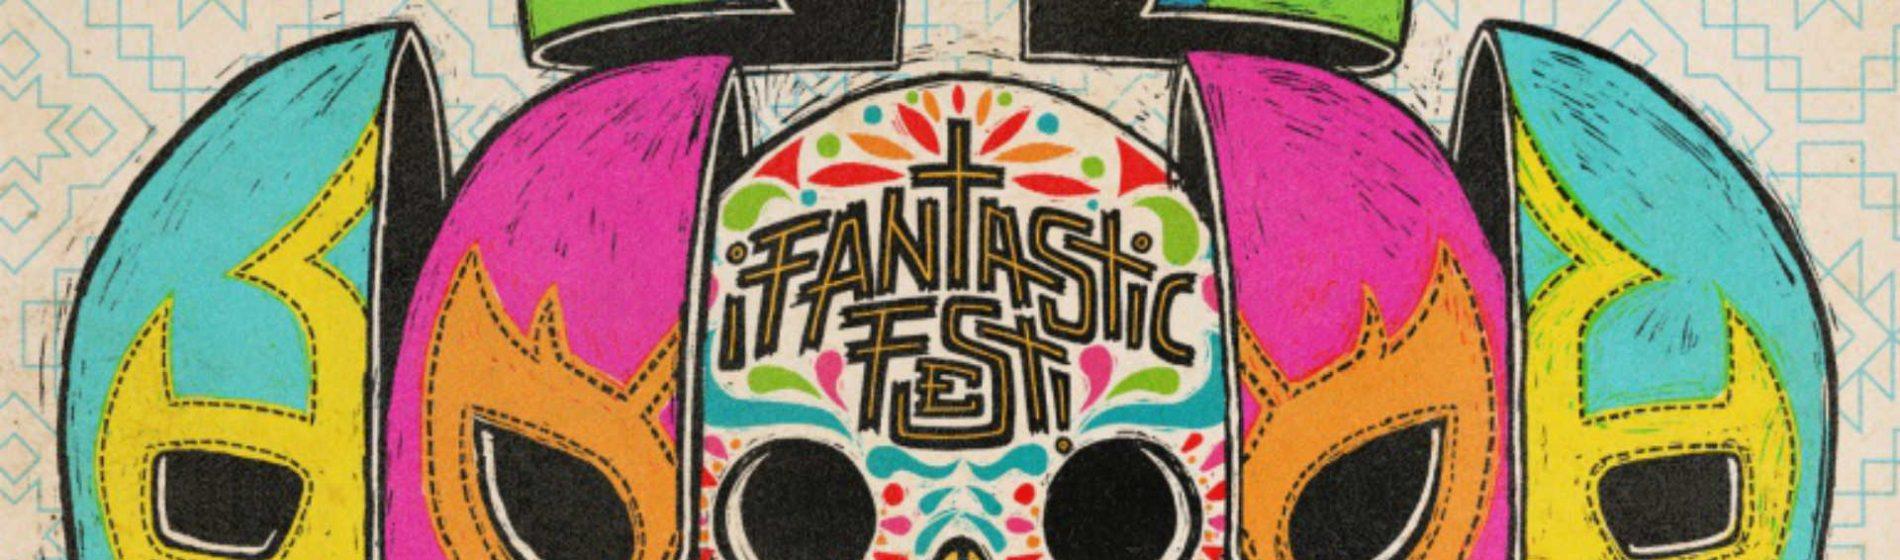 Fantastic-Fest-2019-poster-Feature